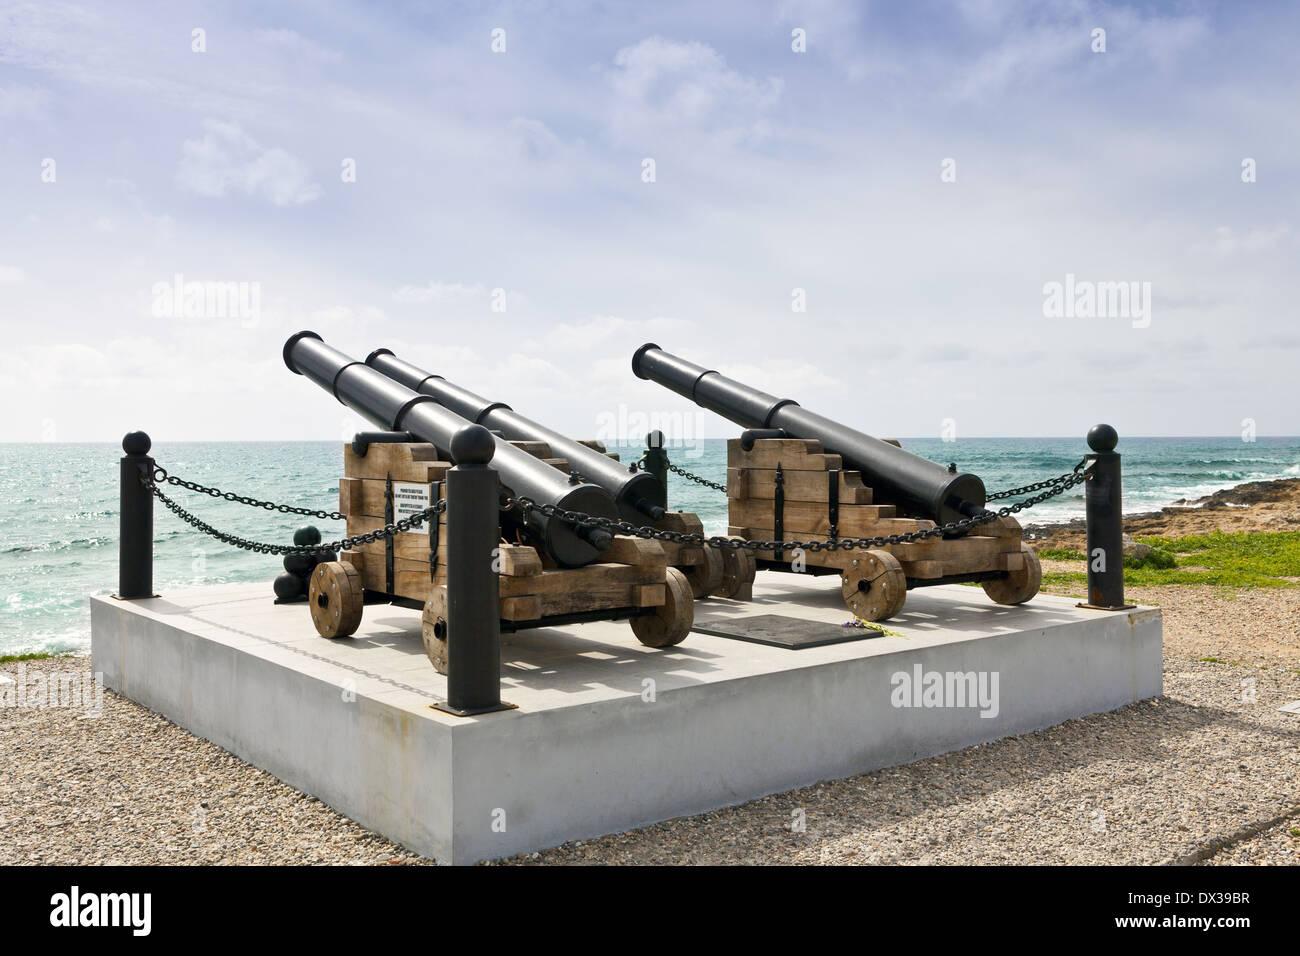 Pistole storico al porto di Paphos, Cipro affacciato sul mare. Immagini Stock